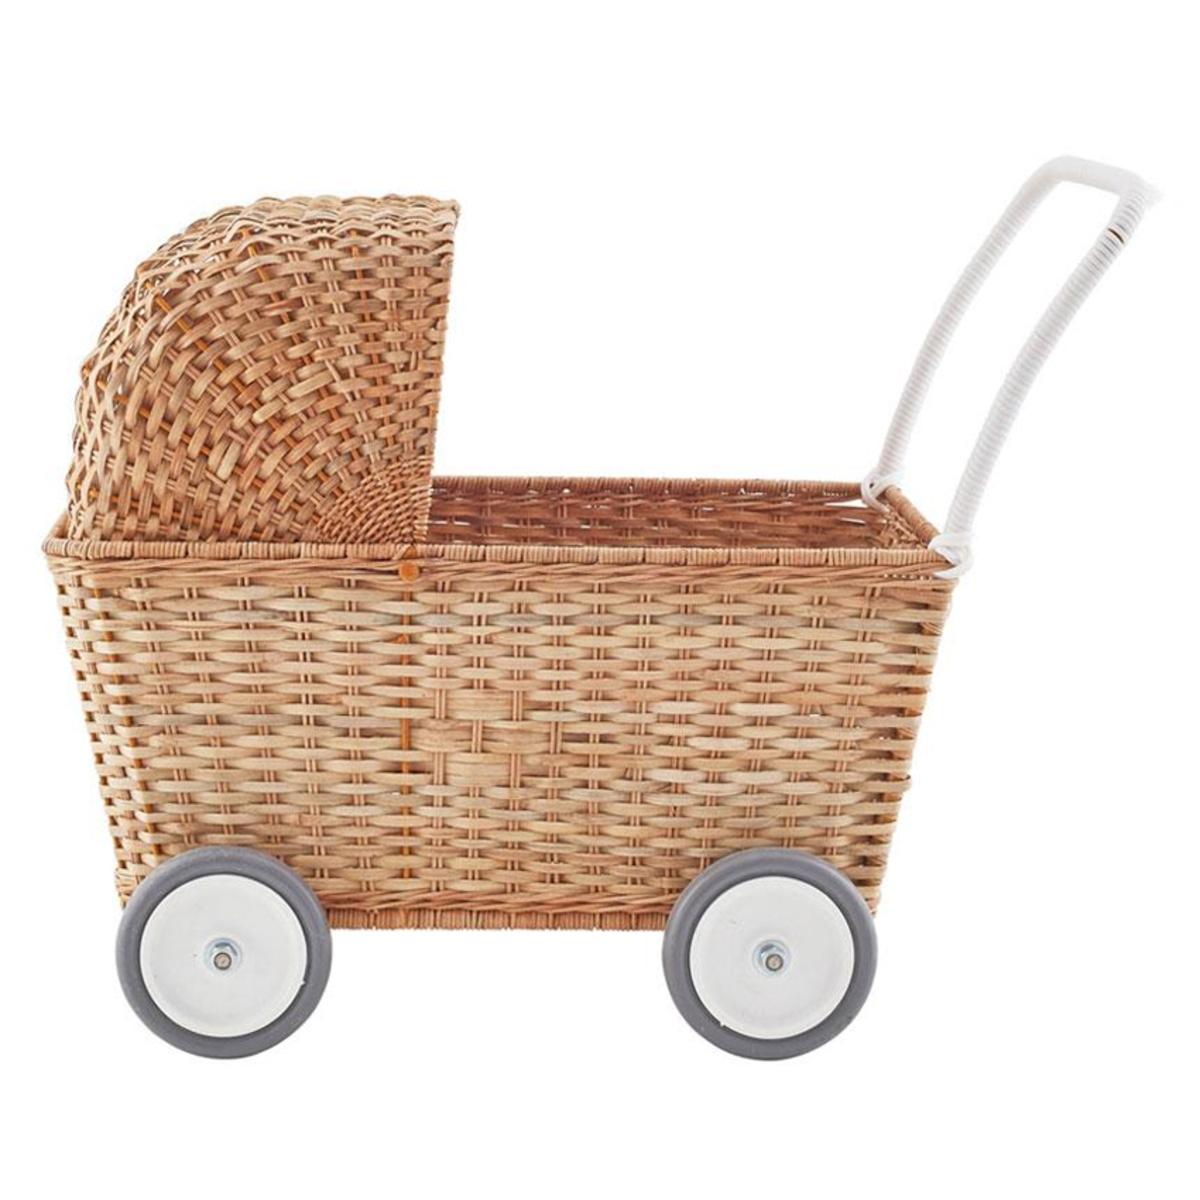 Mes premiers jouets Landau Chariot Strolley en Rotin Naturel Landau Chariot Strolley en Rotin Naturel